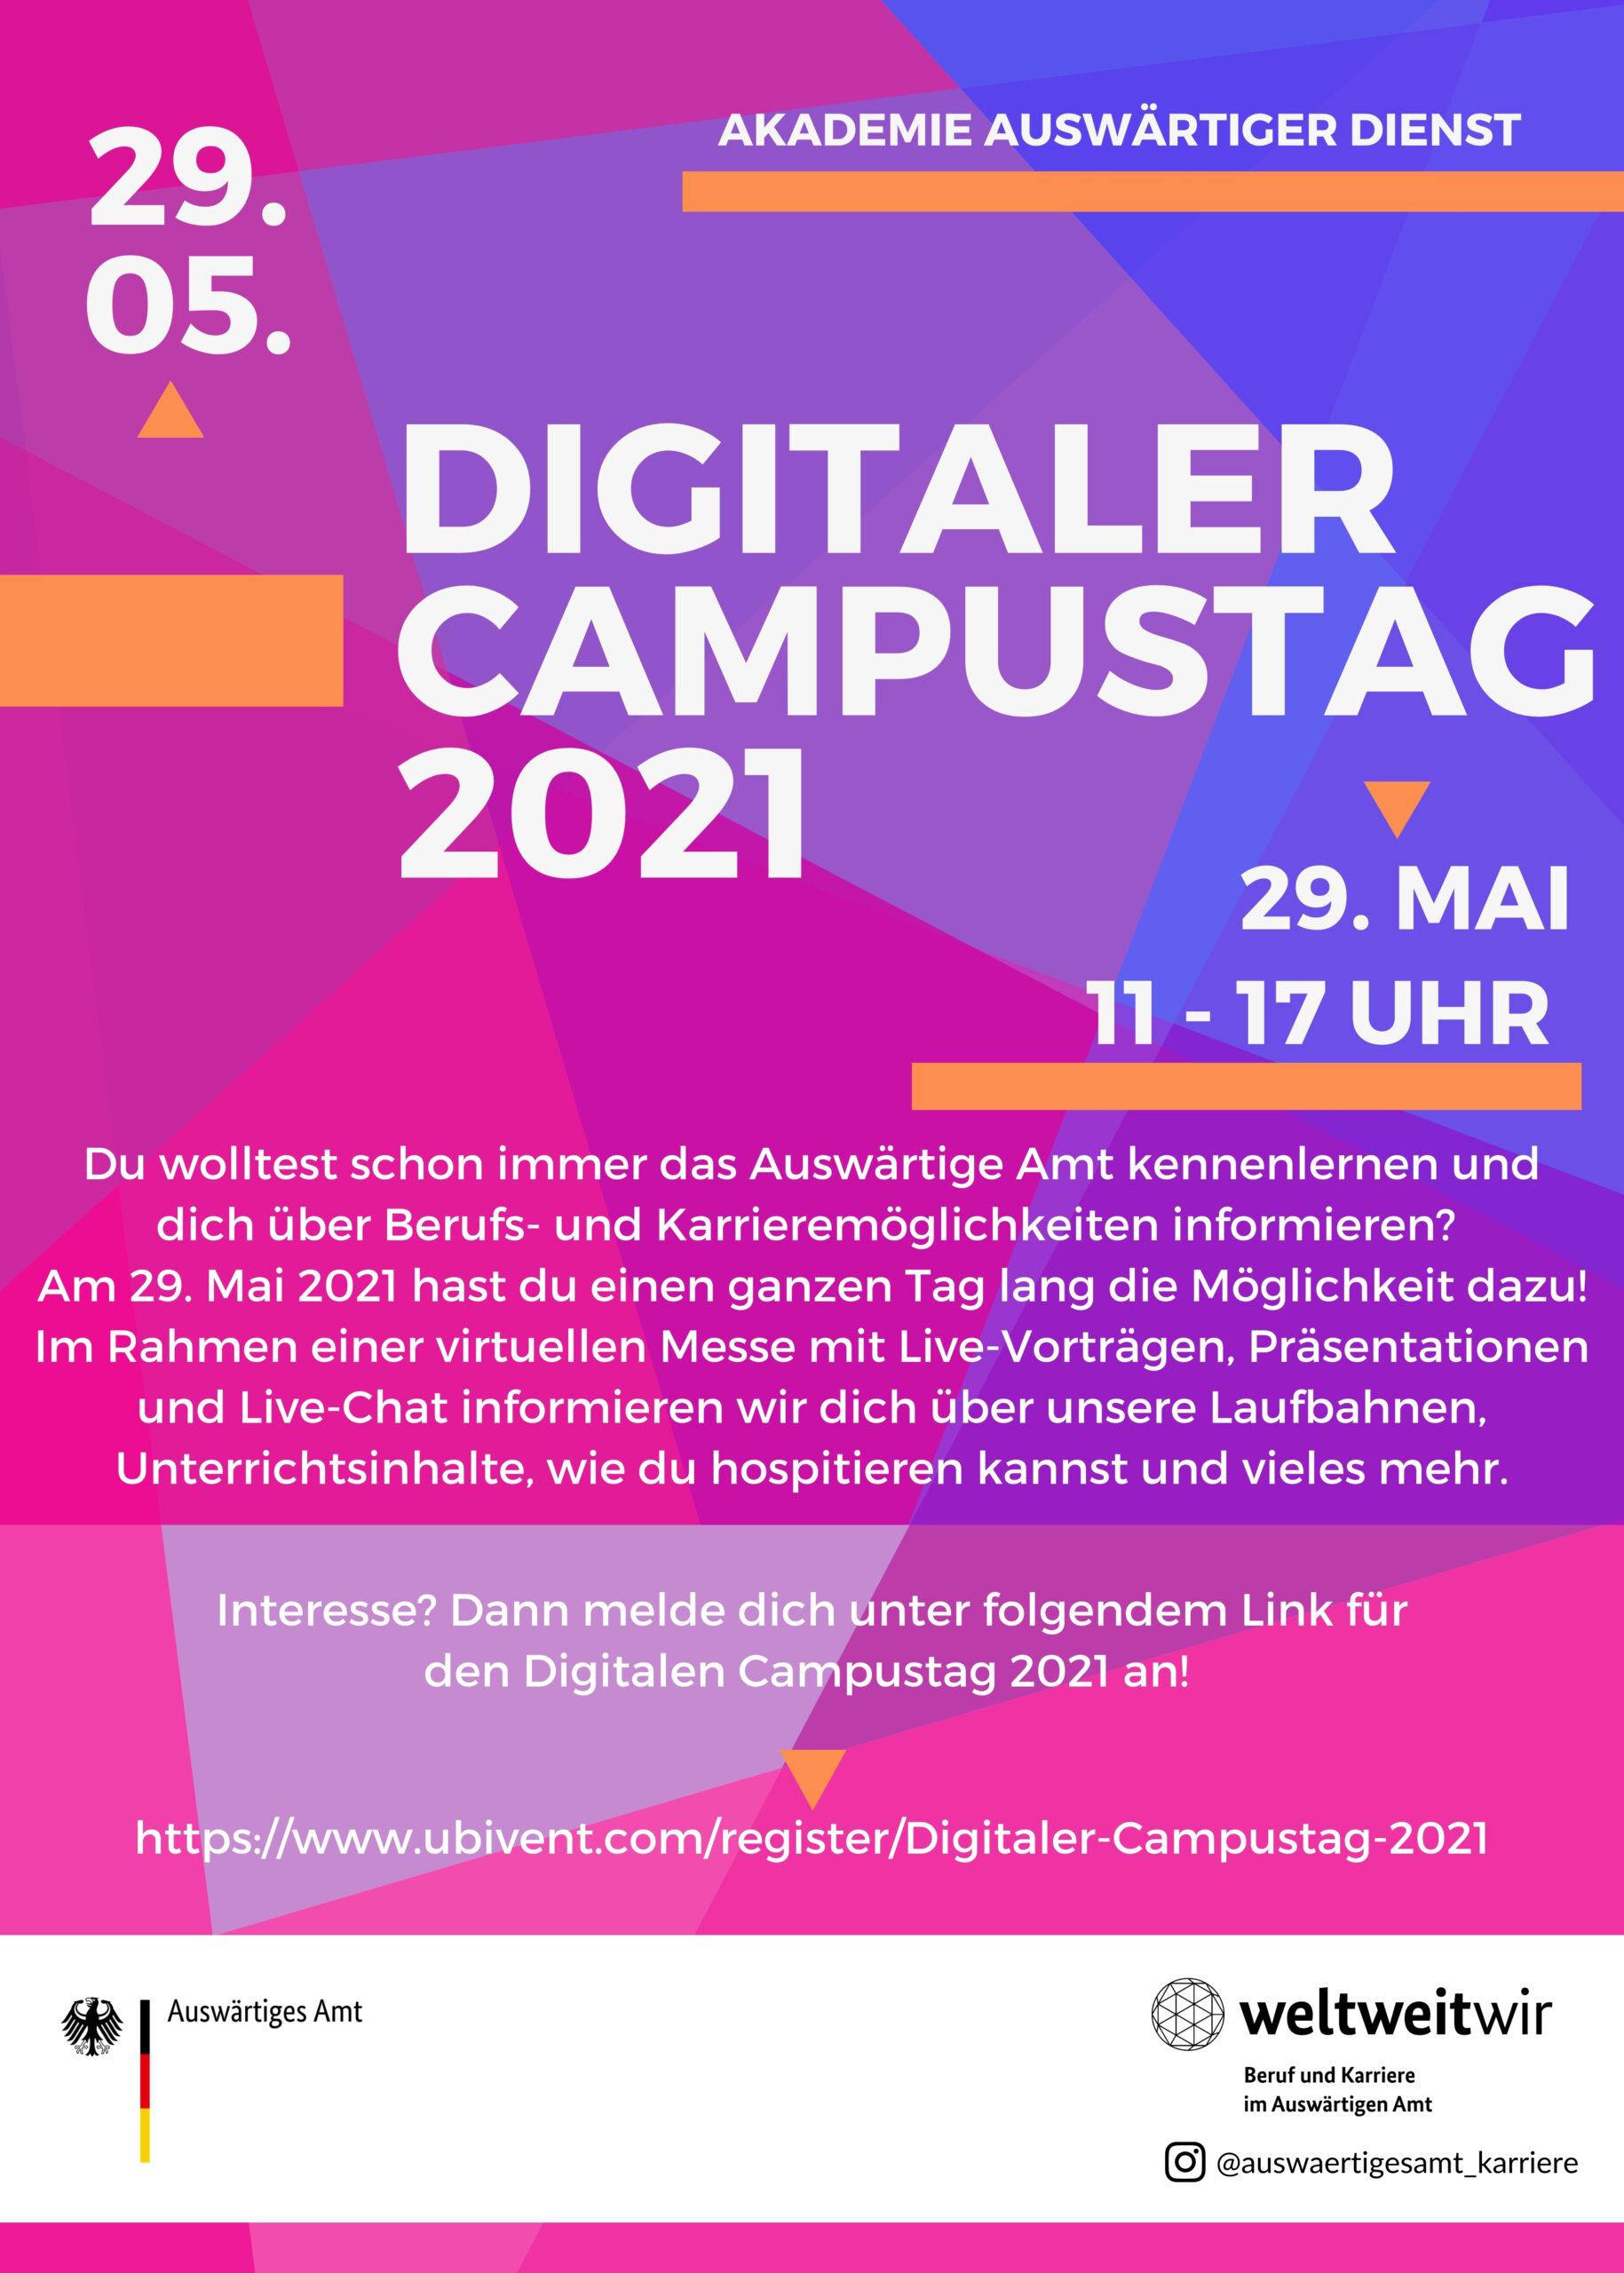 Einladung zum Digitalen Campustag der Akademie Auswärtiger Dienst am 29. Mai 2021